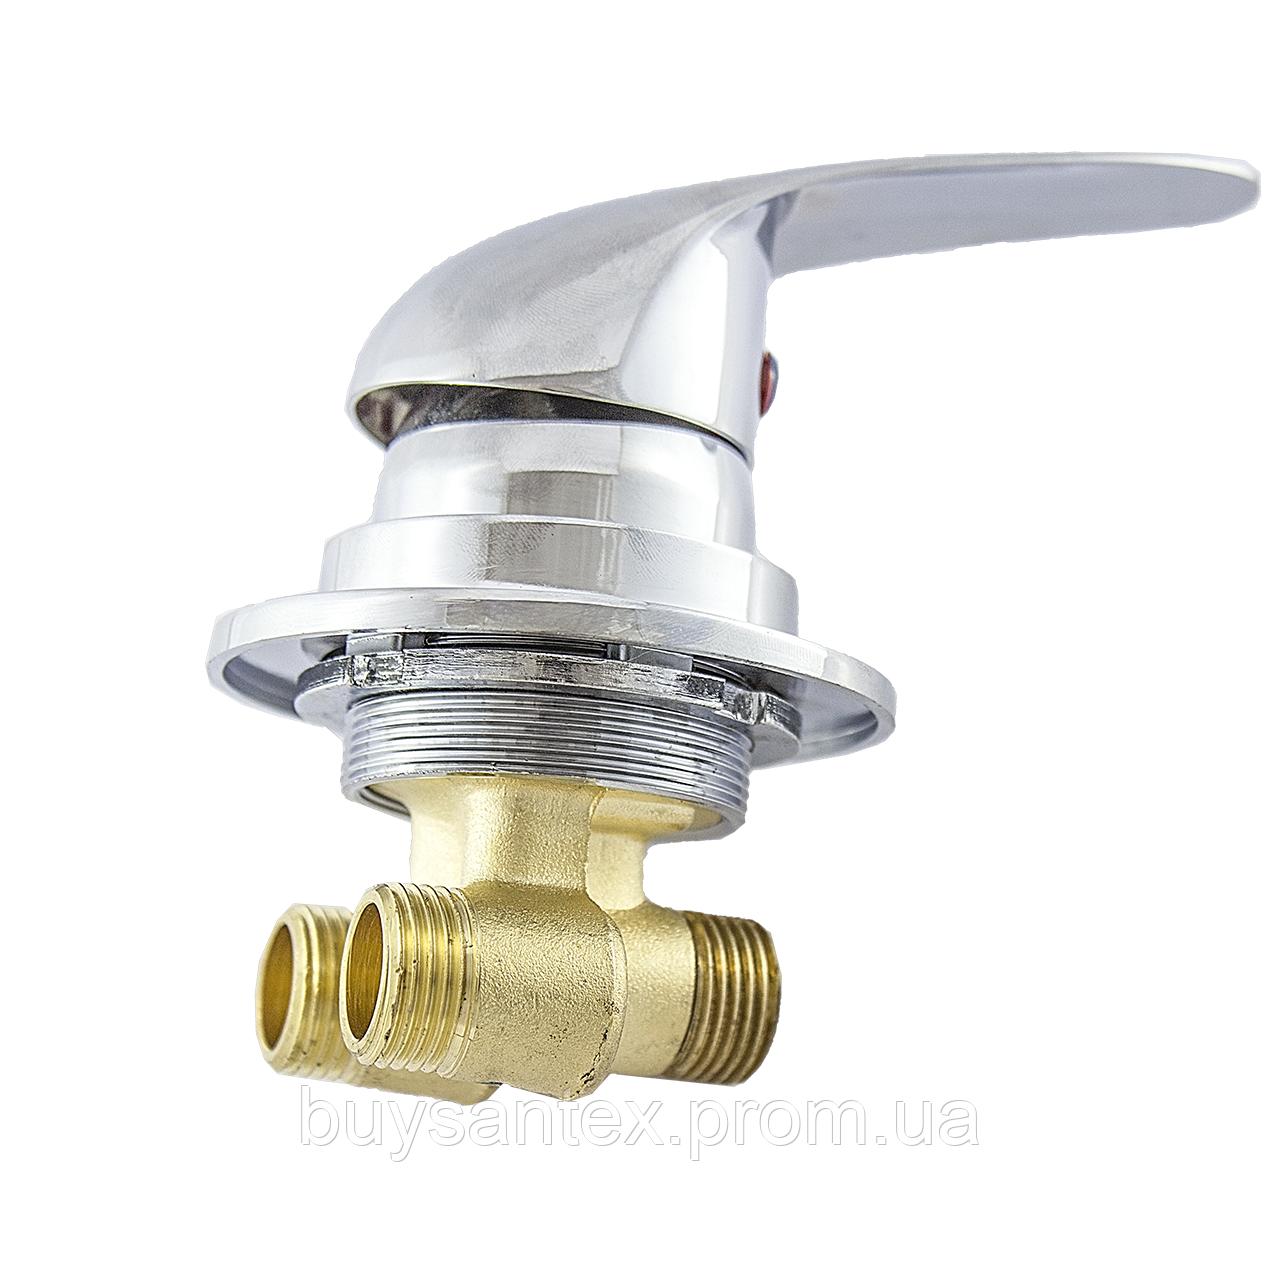 Смеситель регулировки холодной и горячей вод для гидромассажной ванны и скрытого монтажа (J6040P) встраиваемый